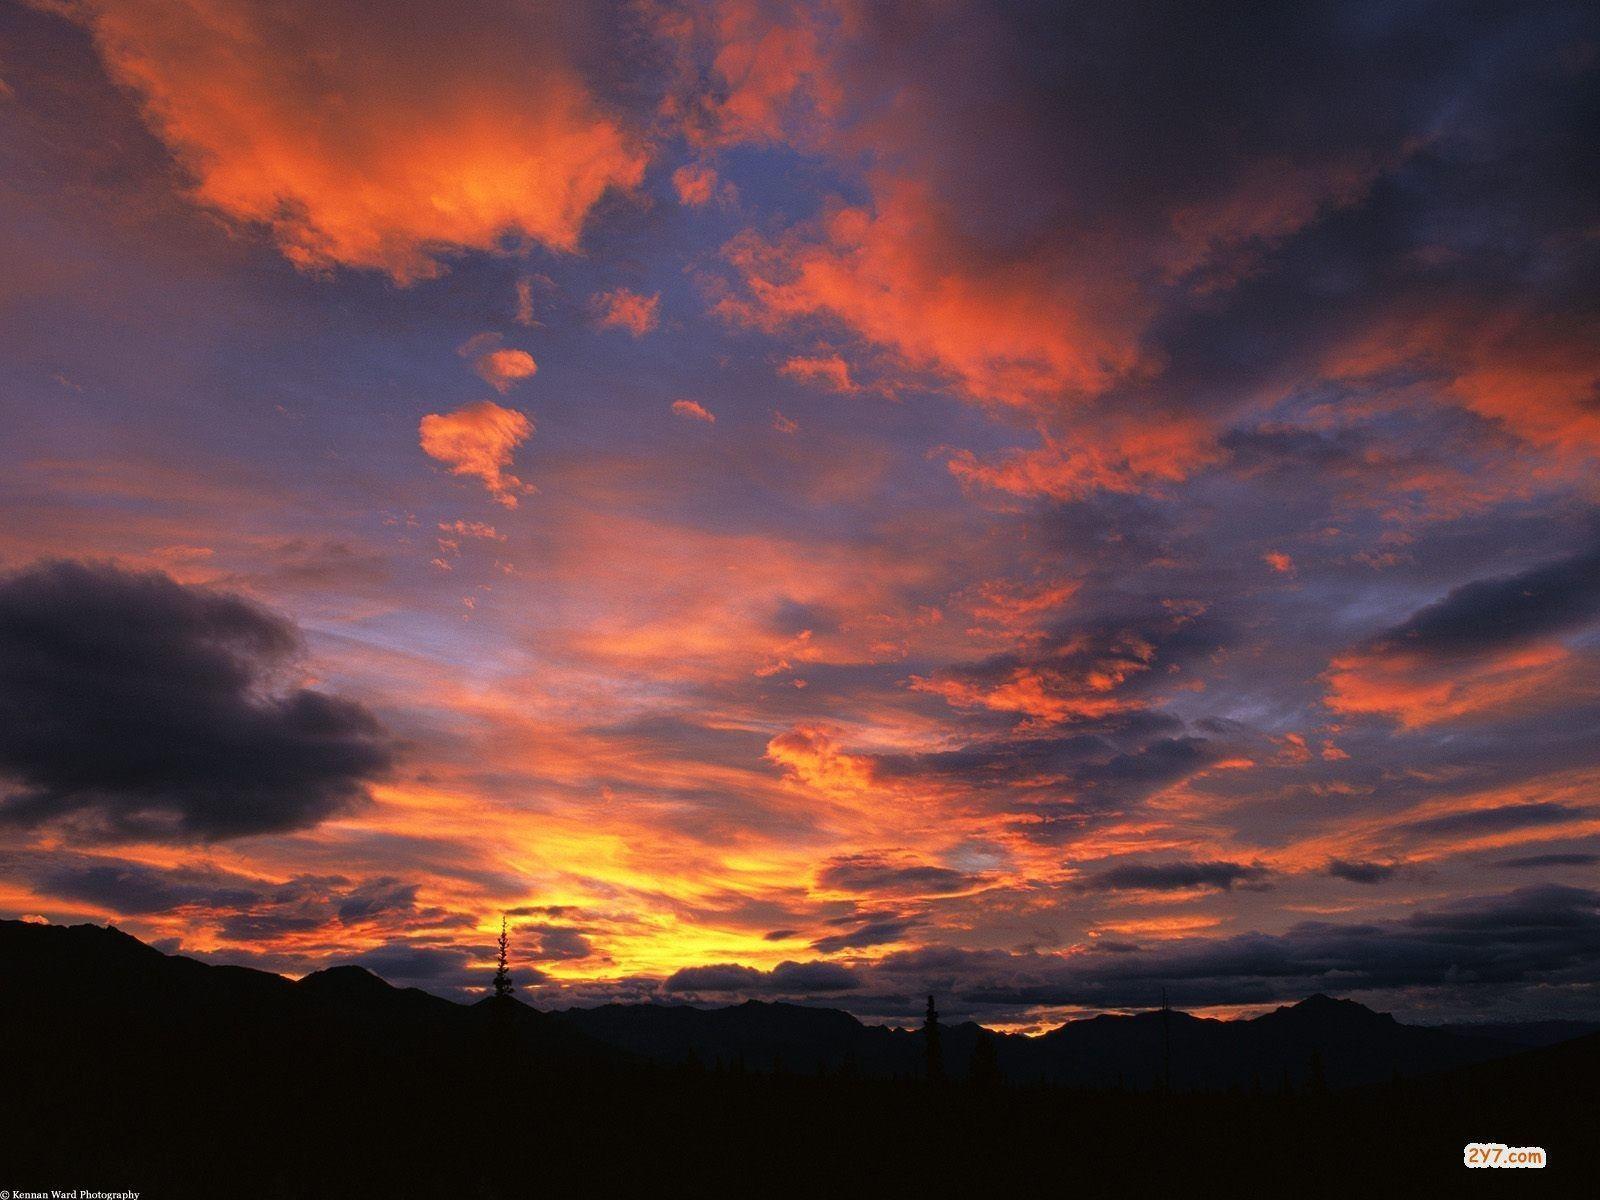 Paysages couchers de soleil - Photos coucher de soleil ...